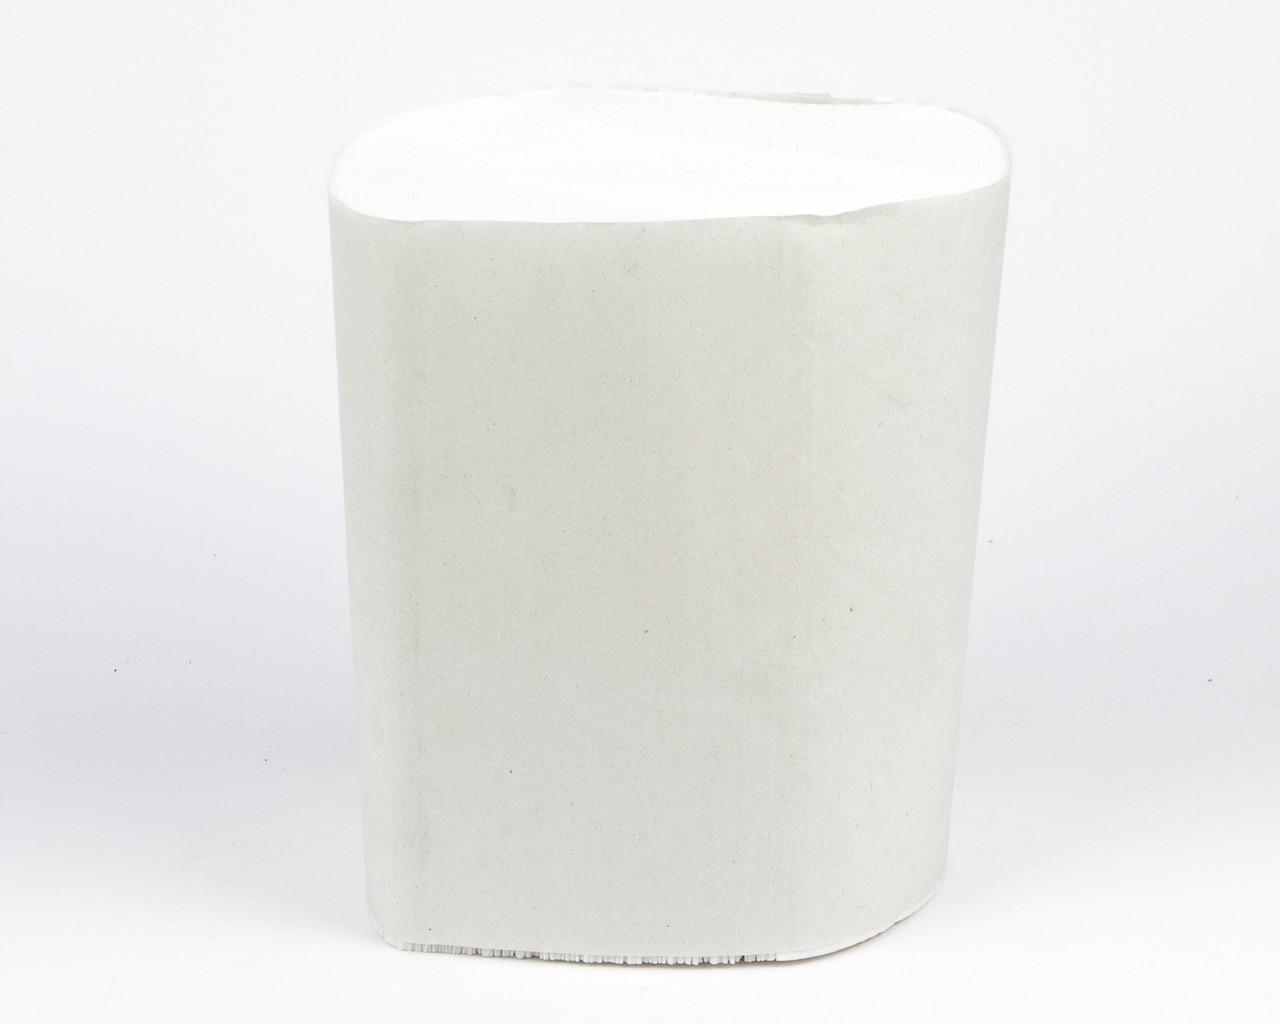 Папір туалетний складений, 1 шар, 500 аркушів, Kimberly-Clark